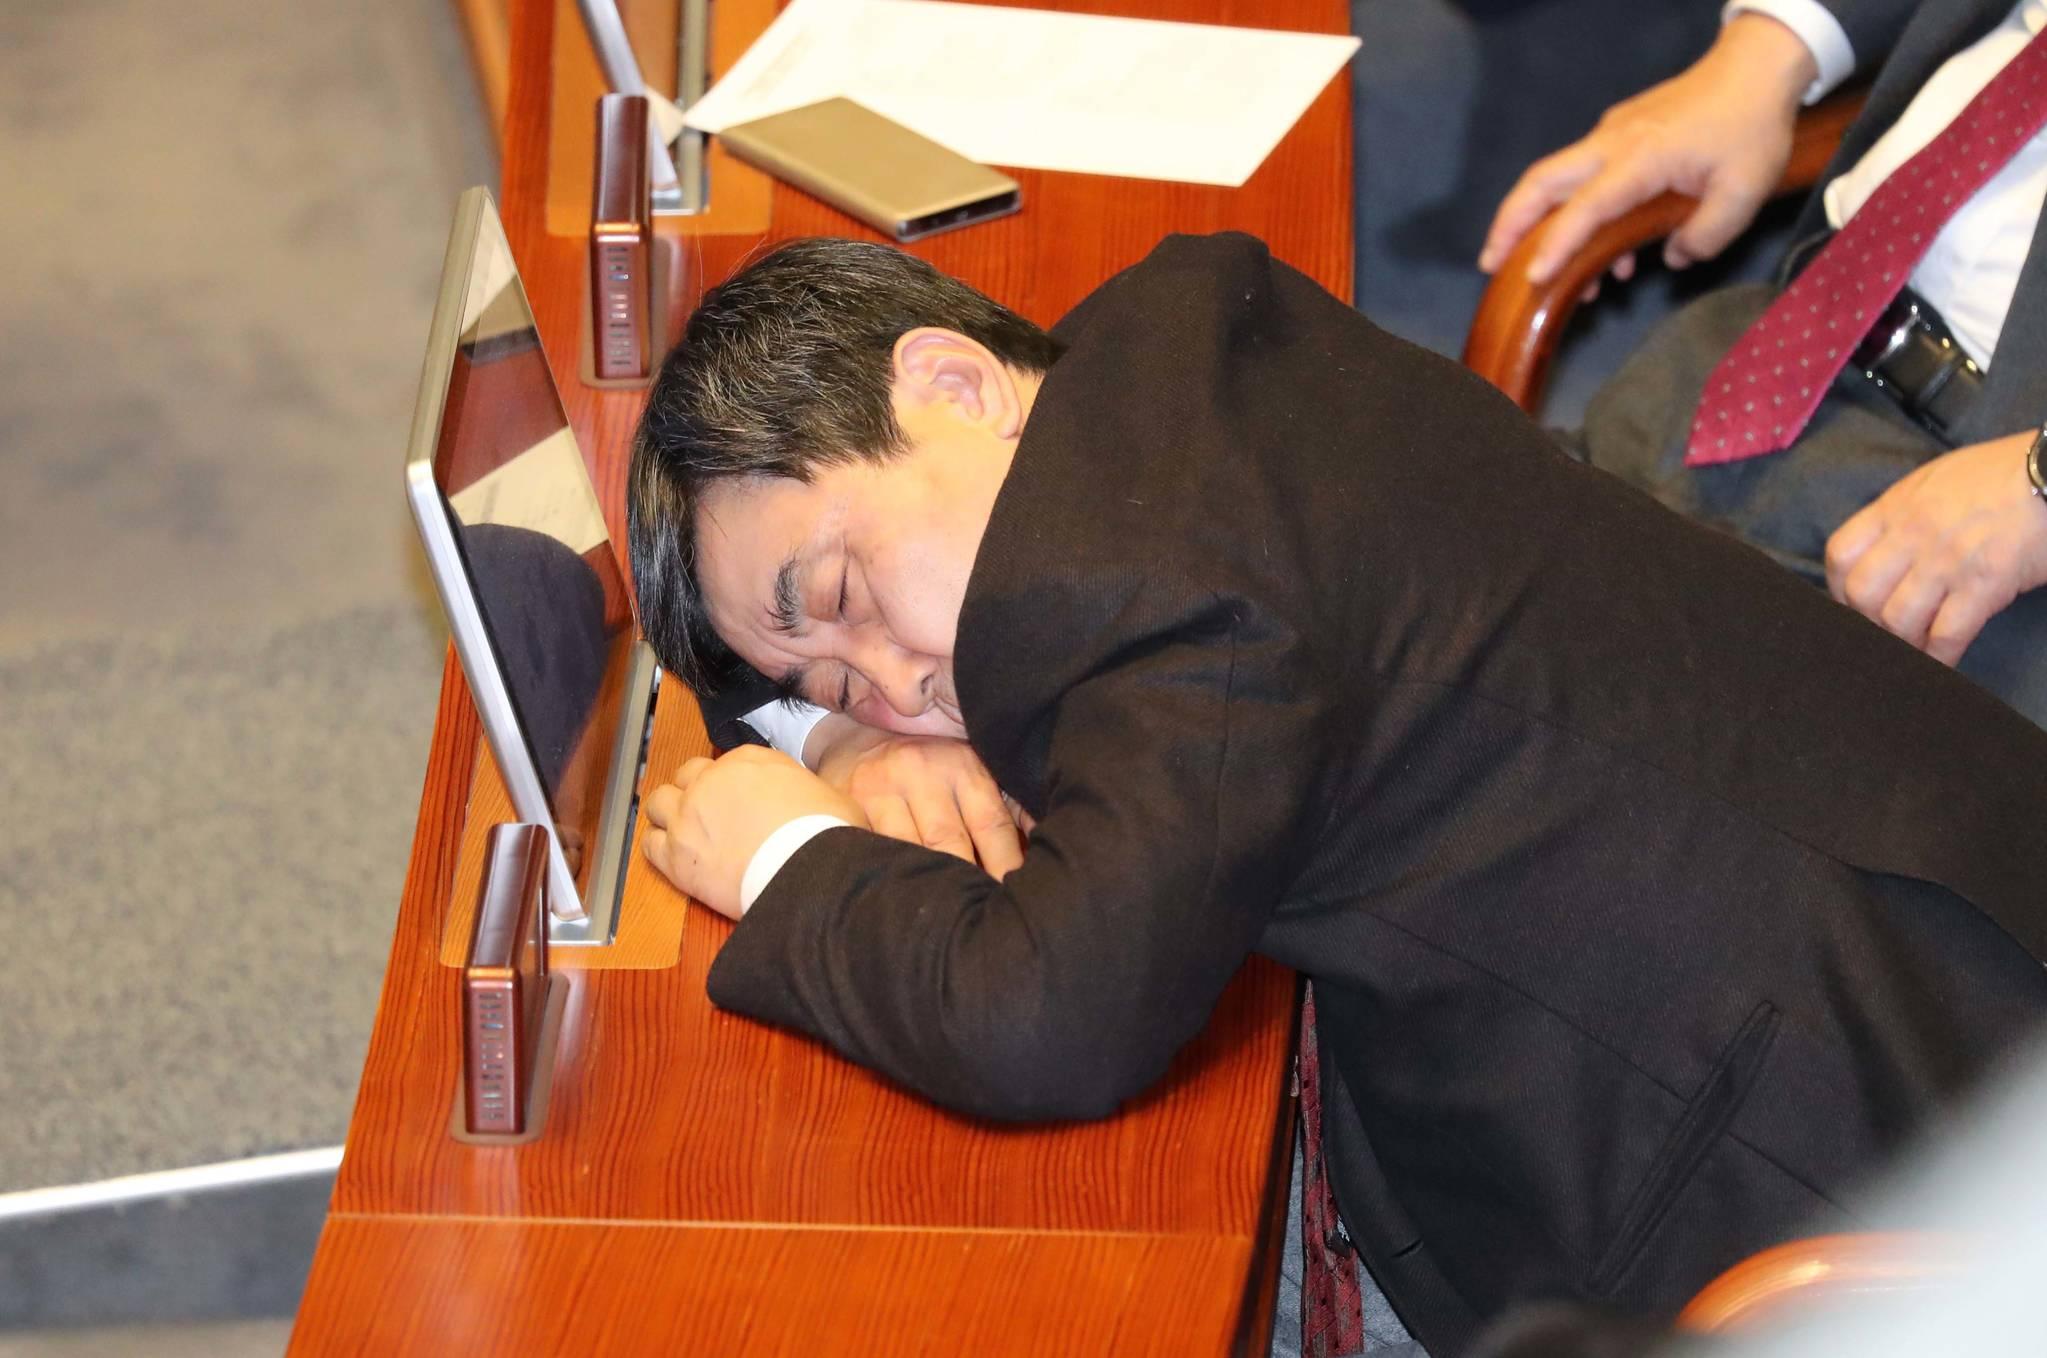 6일 0시 26분 민주당 이종걸 의원이 내년도 예산안 표결에 앞서 찬반토론이 이어지고 있는 가운데 본회의장에서 잠을 자고 있다.조문규 기자